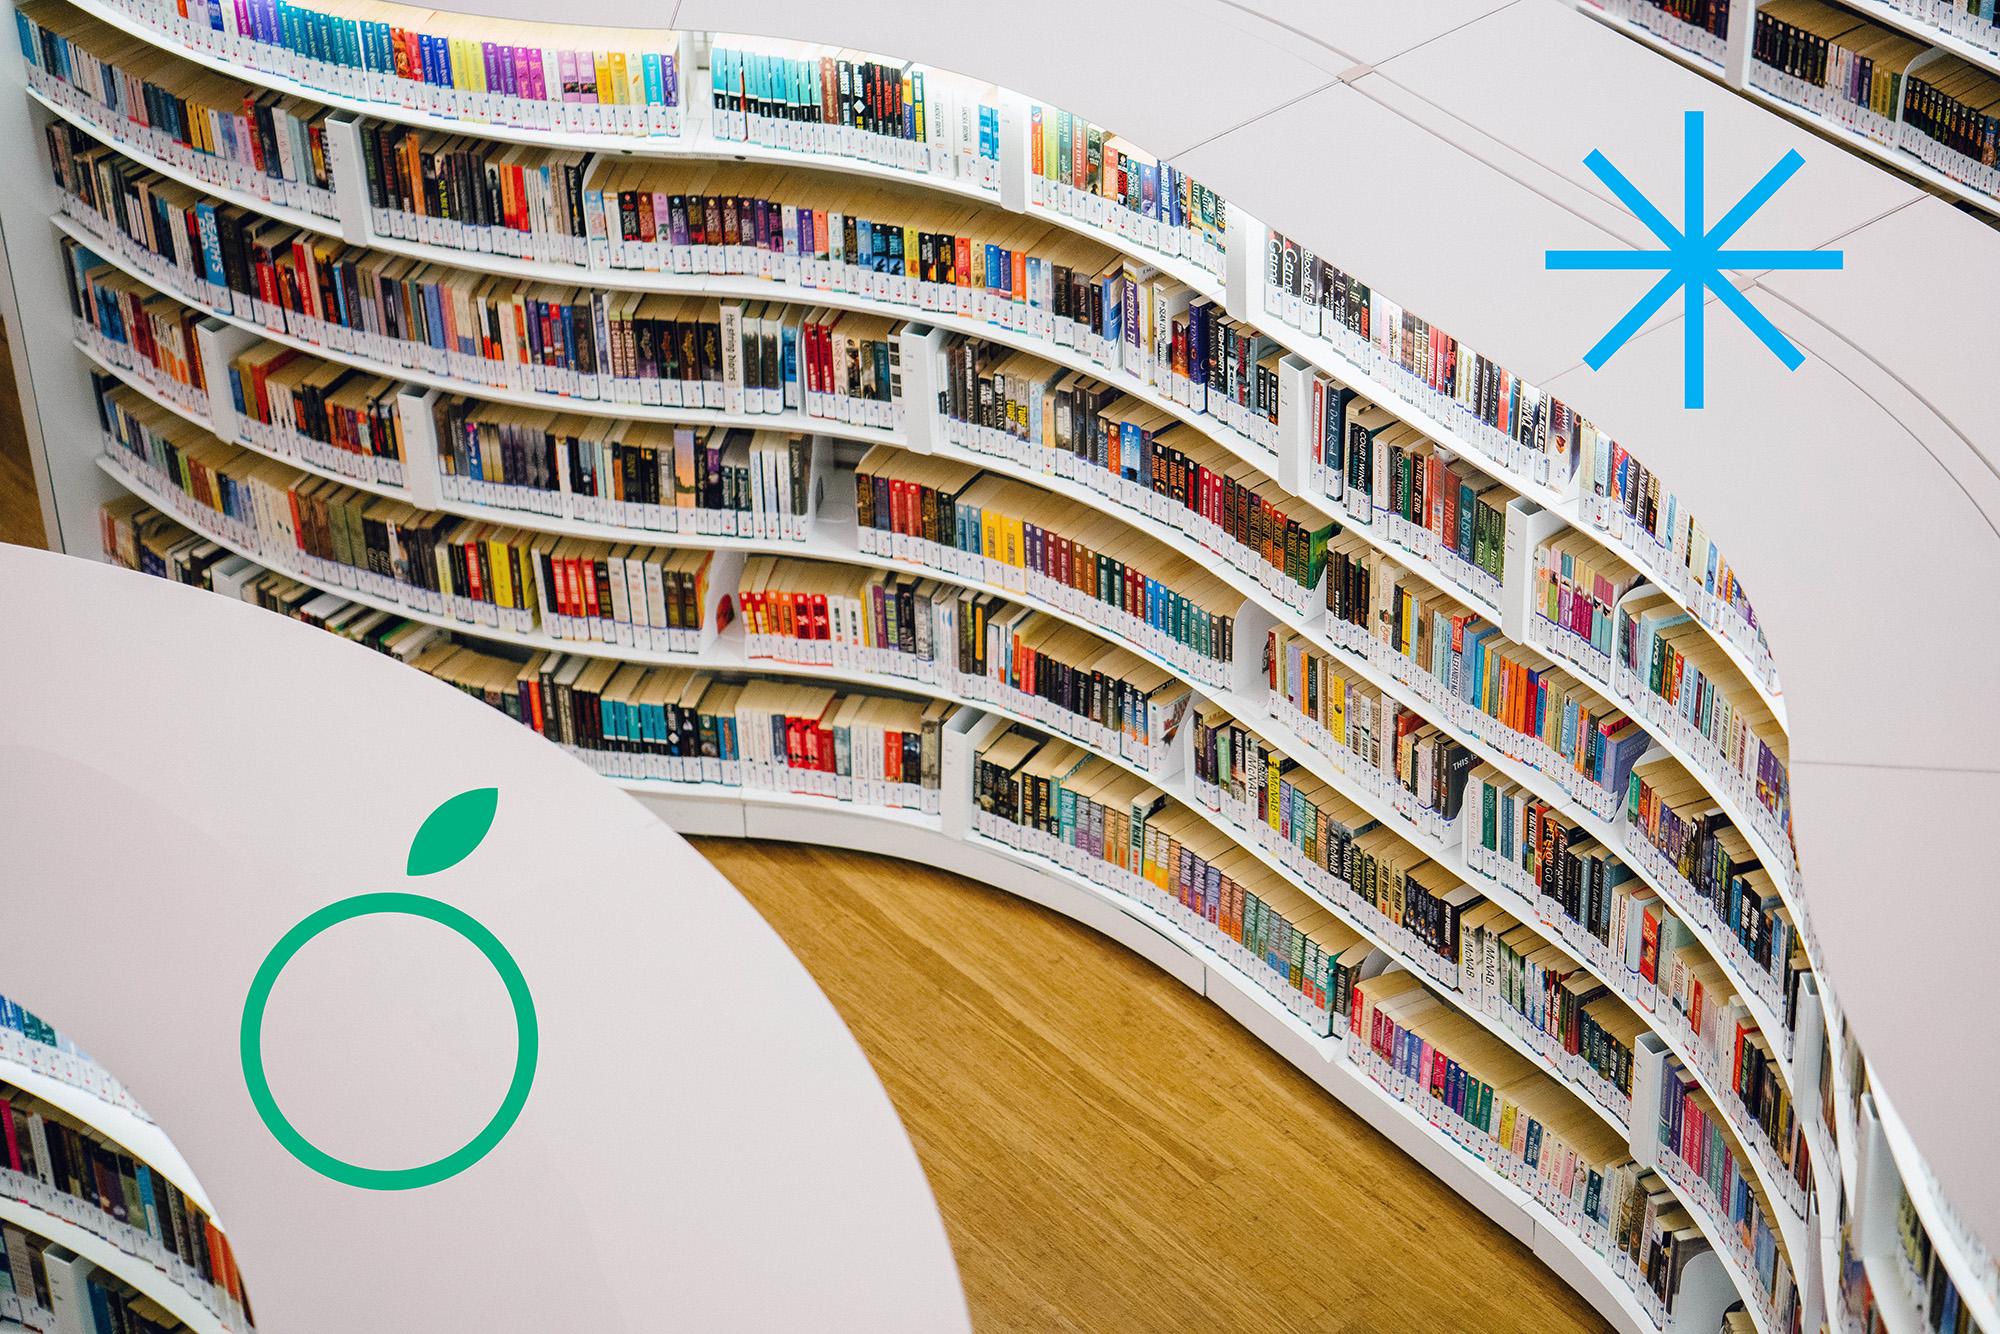 Arkisivistyksen digikirjasto (2021–2022)